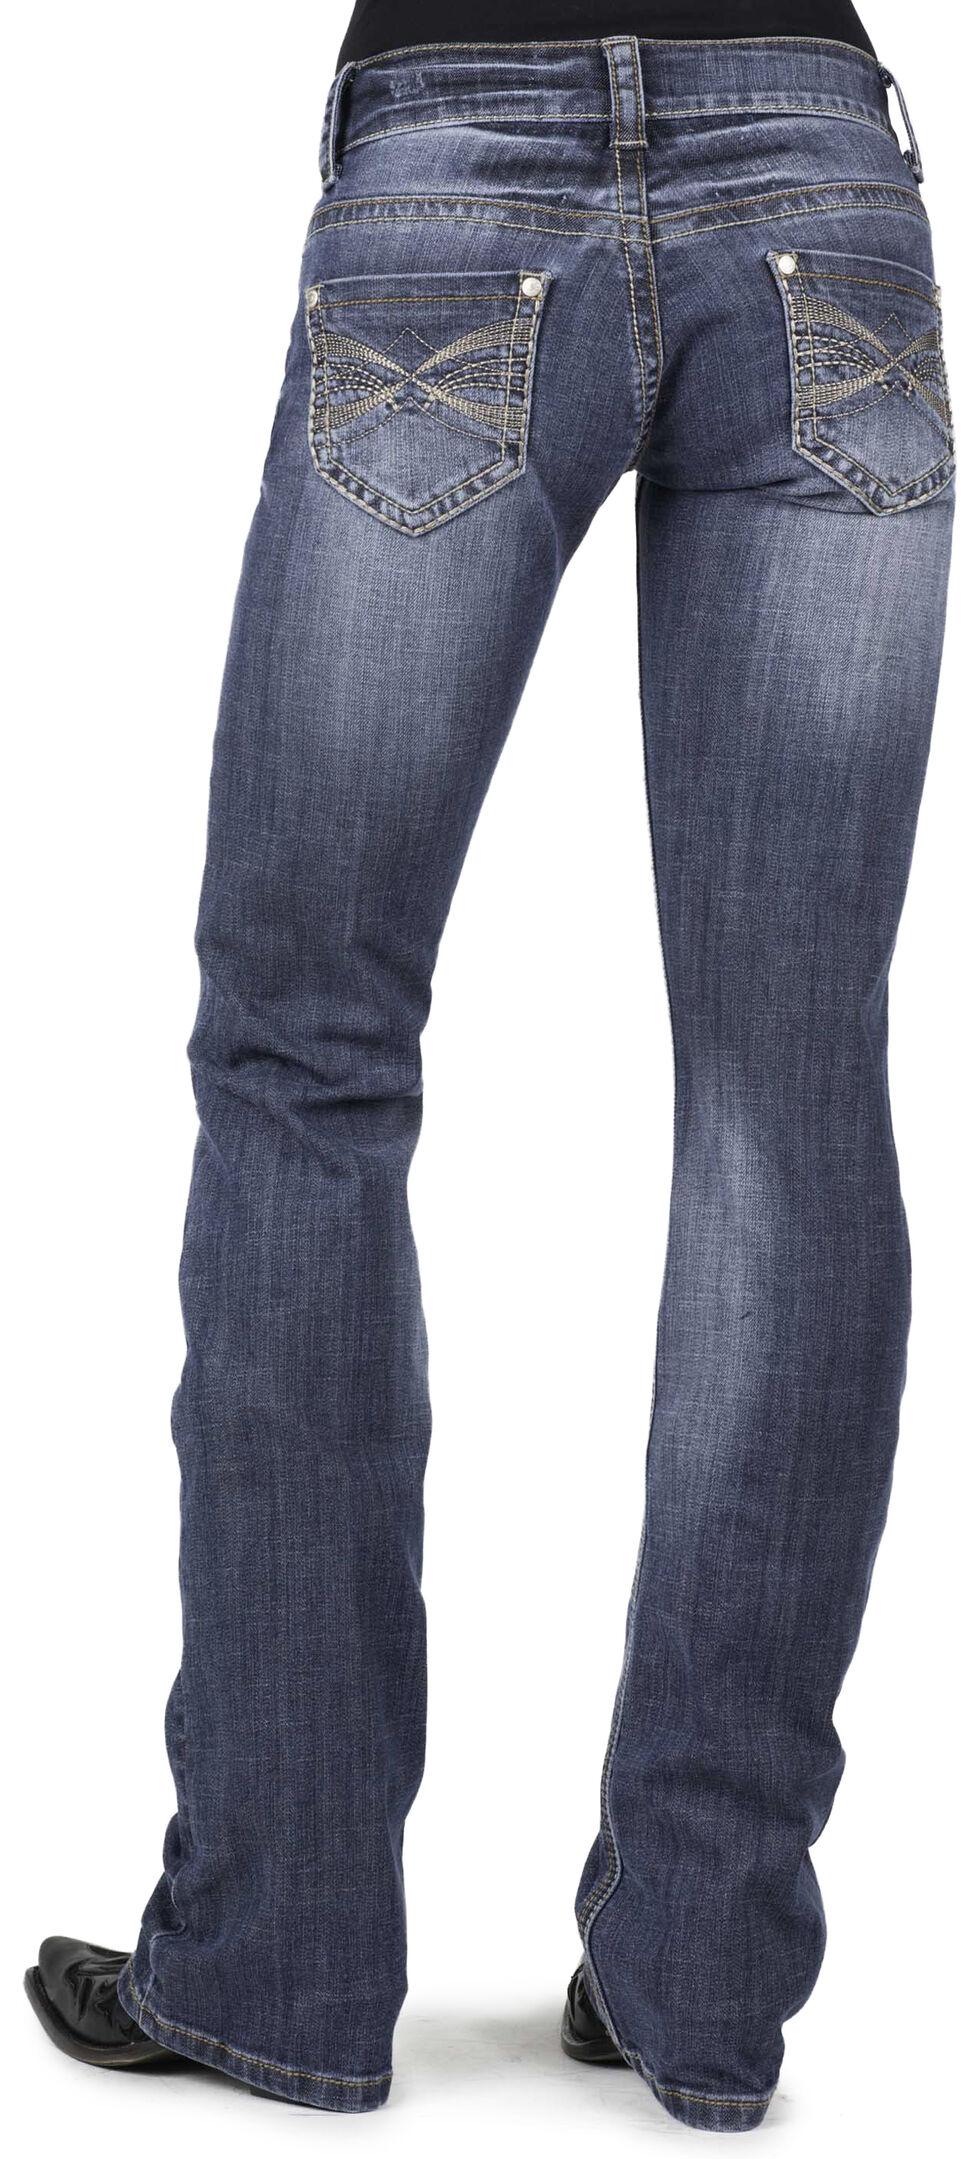 Stetson Women's 818 Contemporary X-Stitch Boot Cut Jeans - Plus, Denim, hi-res